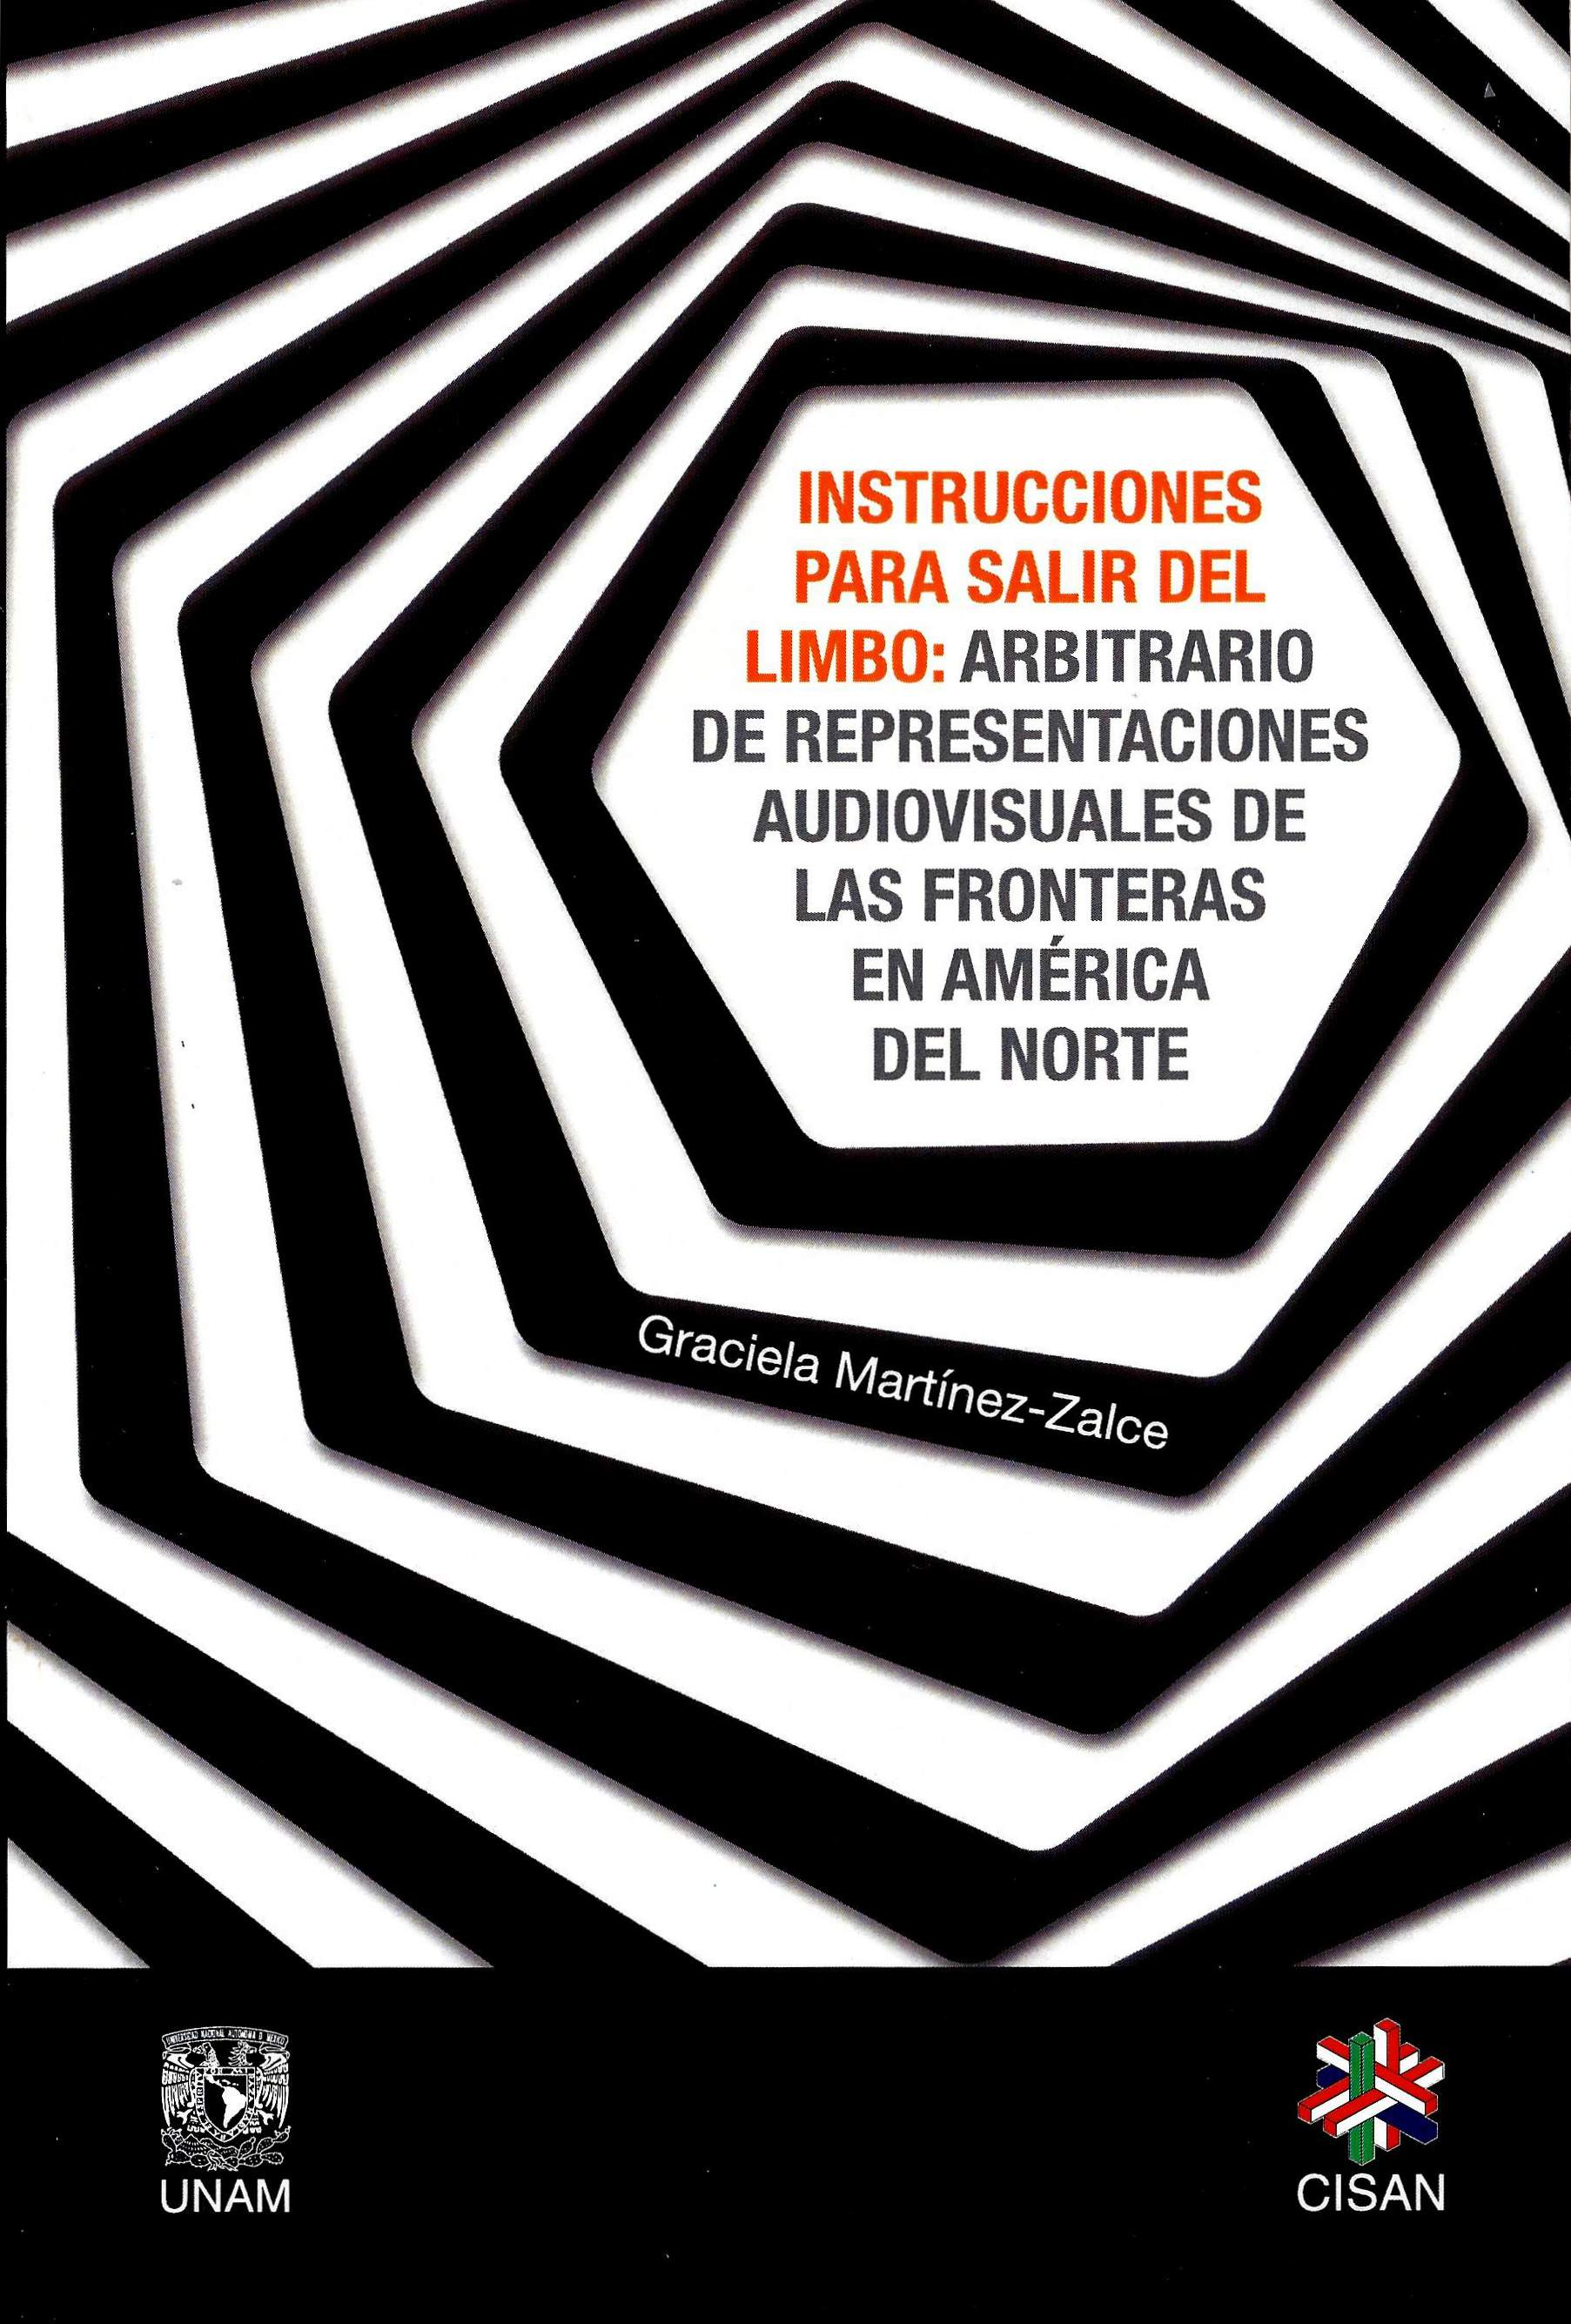 Instrucciones para salir del limbo. Arbitrario de representaciones audiovisuales de las fronteras en América del Norte